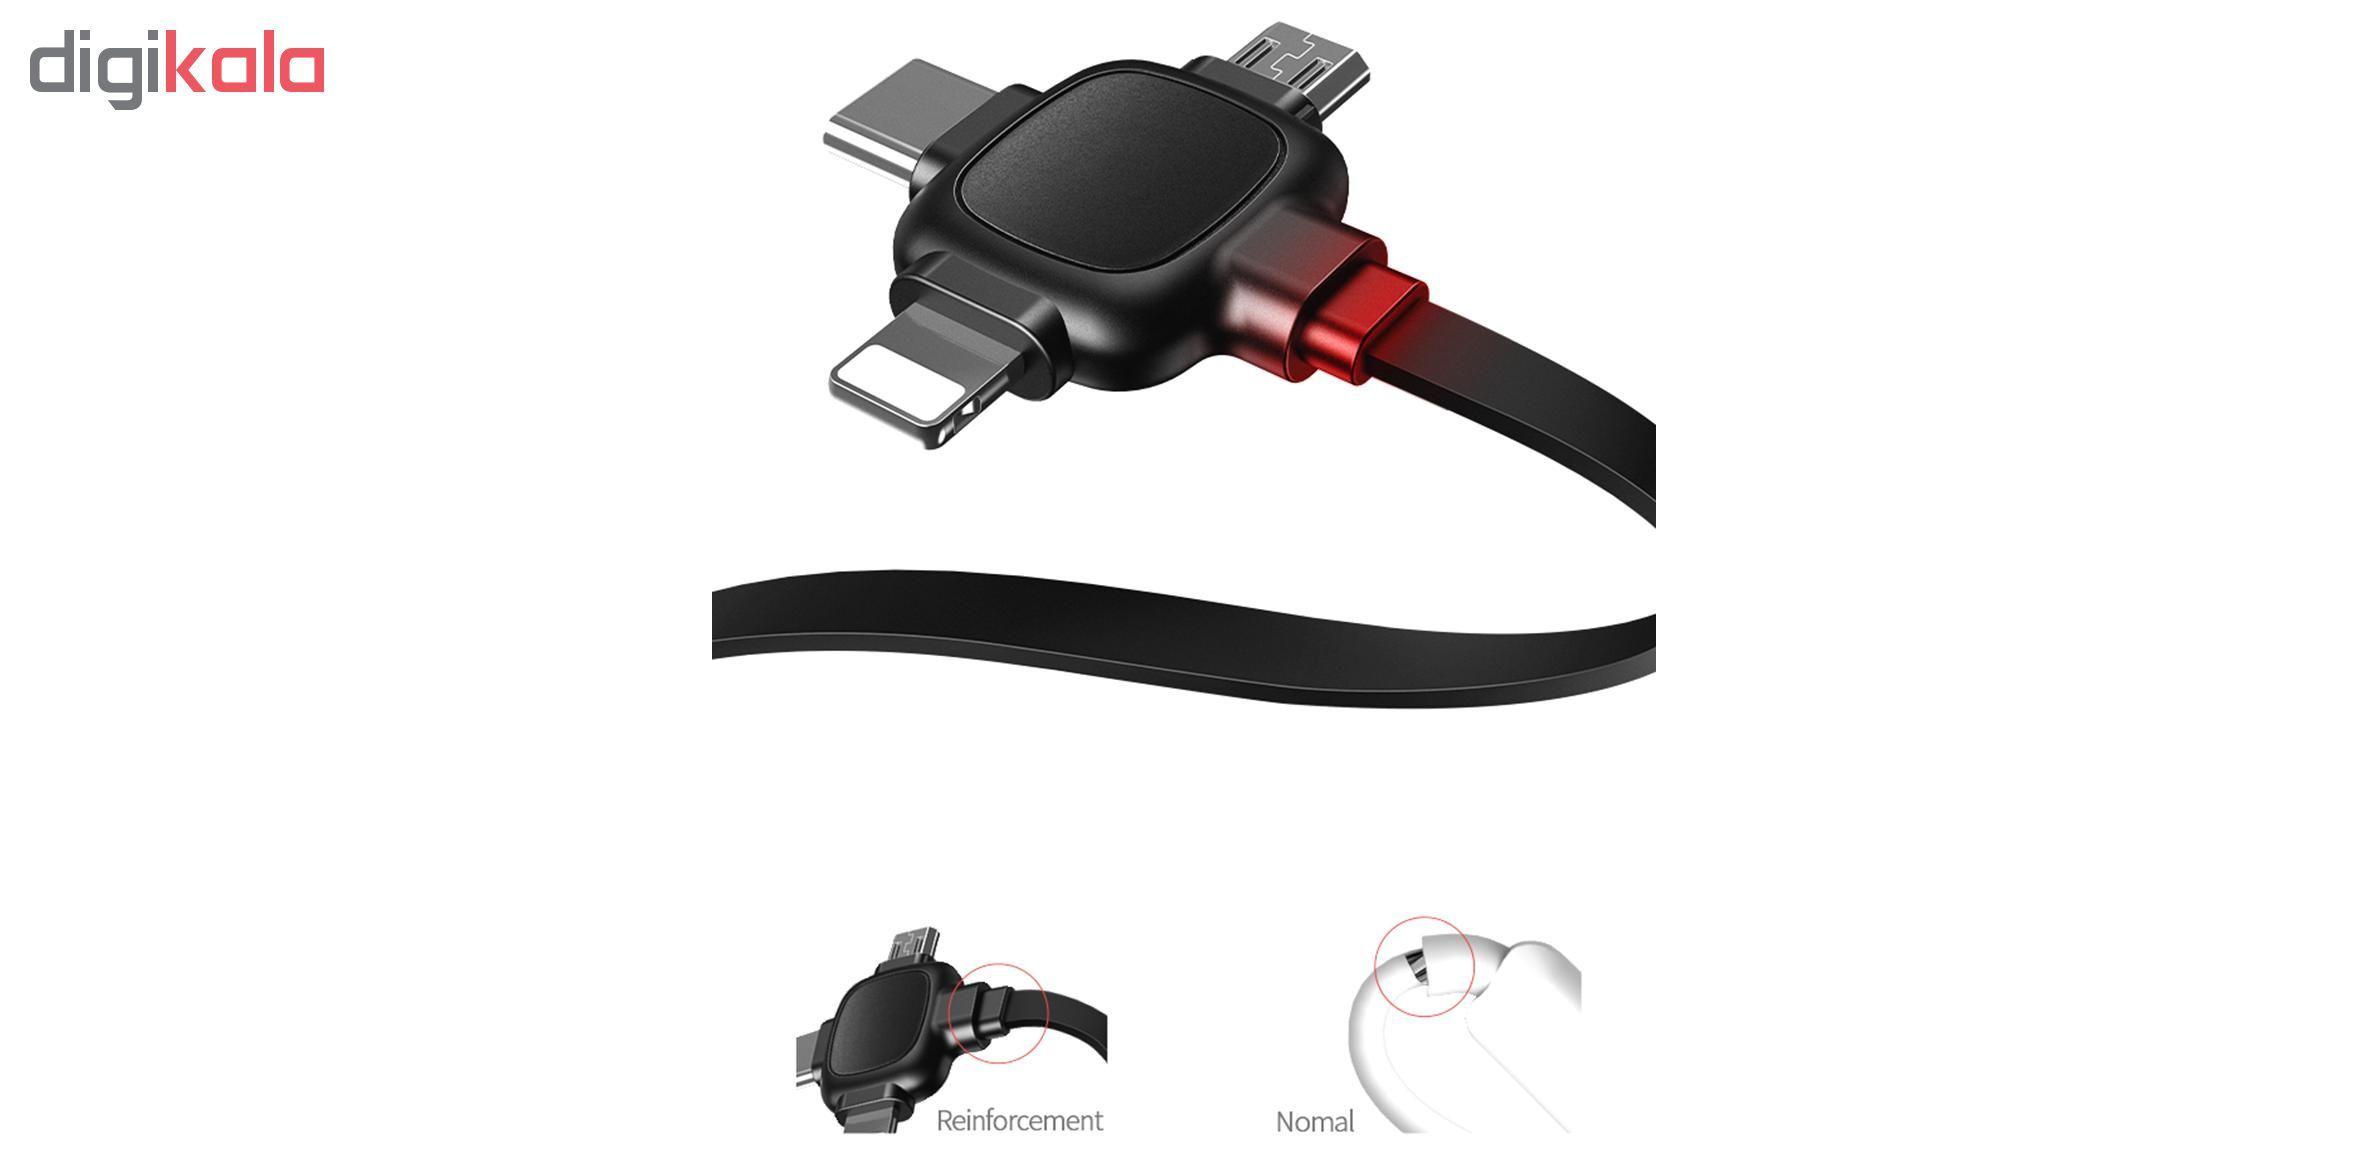 کابل تبدیل USB به لایتنینگ/ micro USB /USB-C یوسمز مدل US-SJ263 طول 1 متر main 1 14